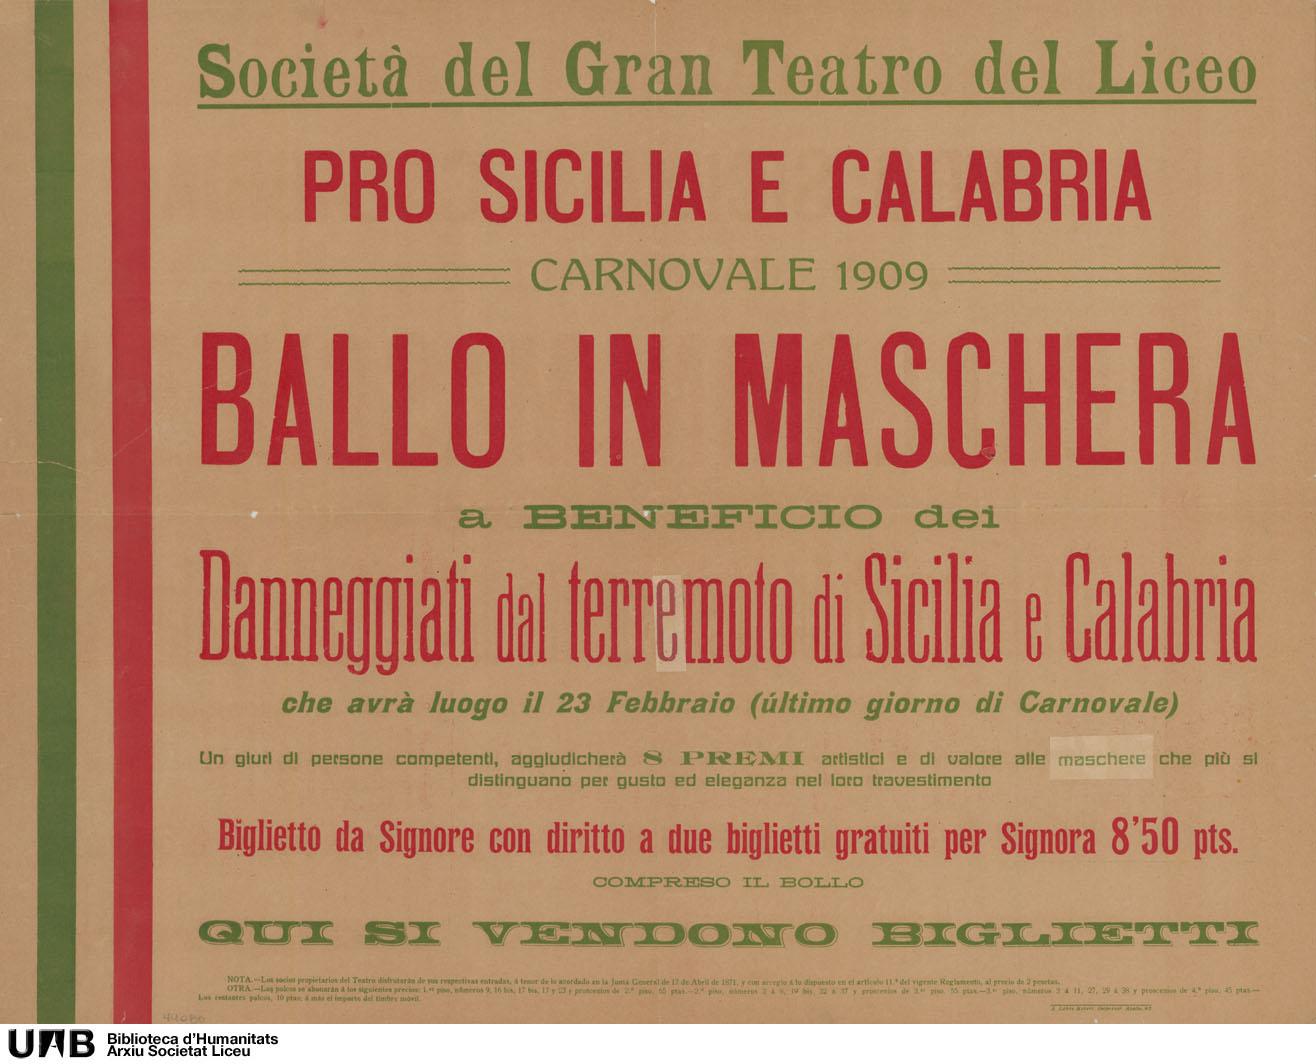 Pro Sicilia e Calabria. Carnovale 1909. Ballo in maschera a beneficio dei danneggiati dal terremoto di Sicilia e Calabria